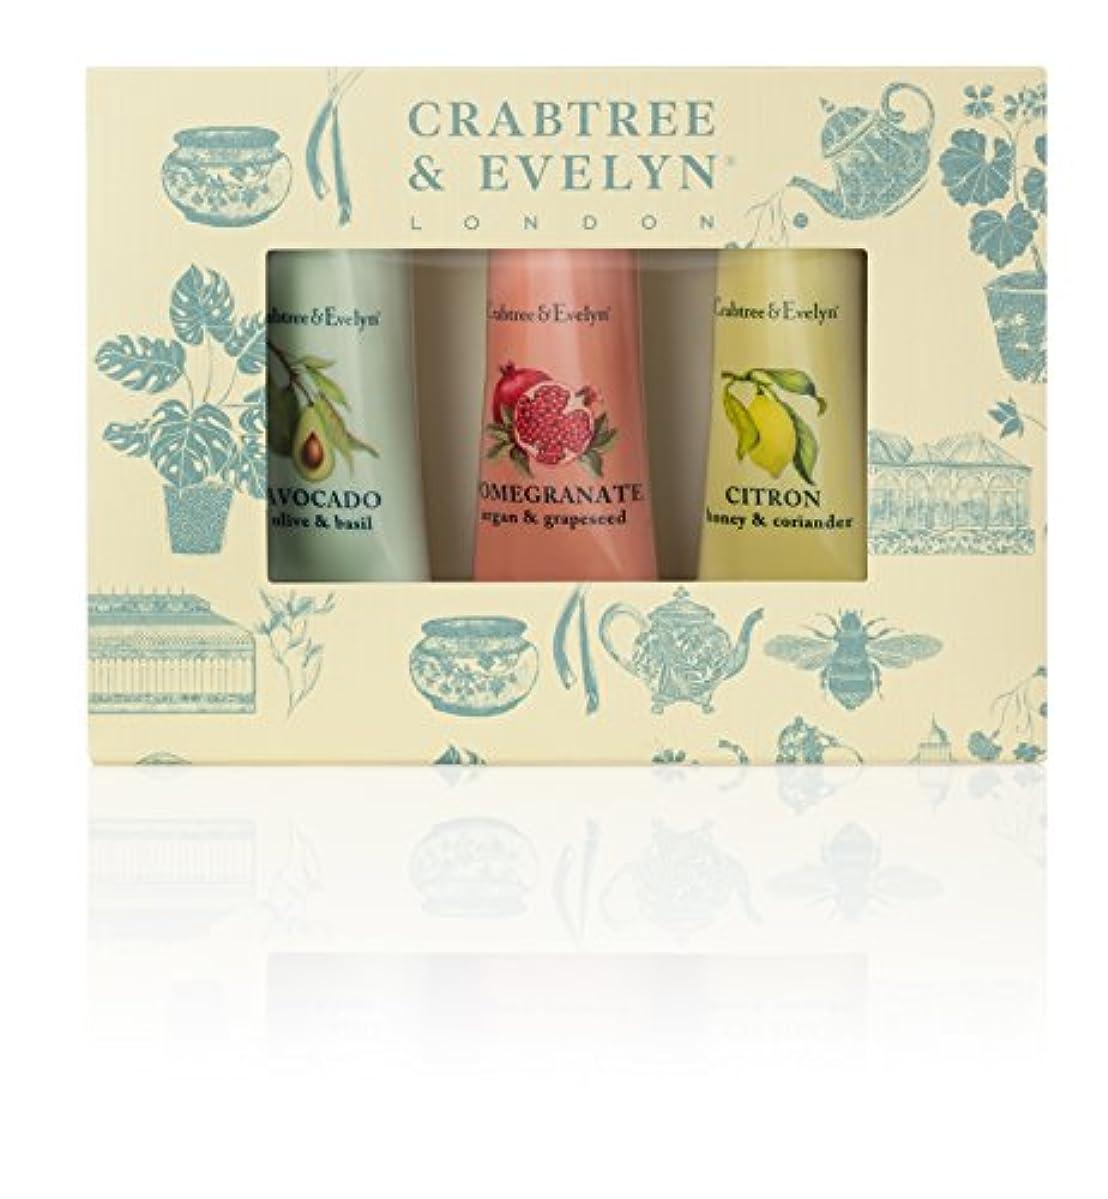 謝罪ピカリング飼料クラブツリー&イヴリン Botanicals Hand Therapy Set (1x Citron, Honey & Coriander, 1x Pomegranate, Argan & Grapeseed, 1x Avocado...